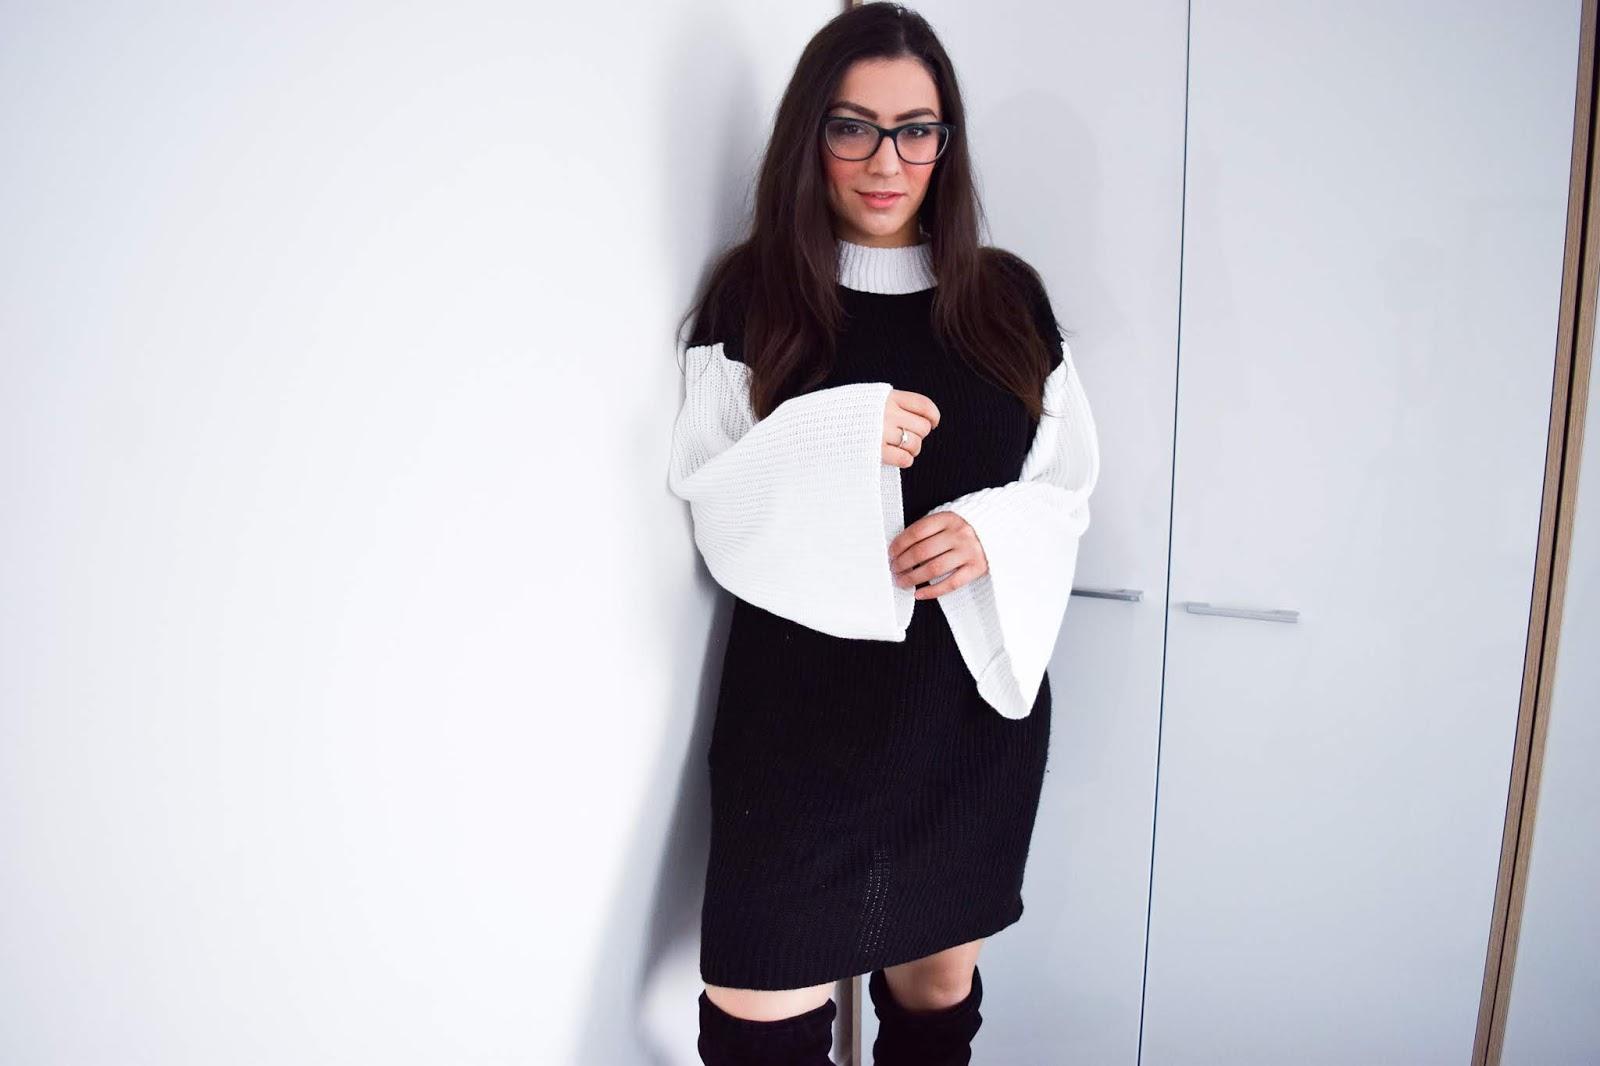 Femme Luxe Dress Haul